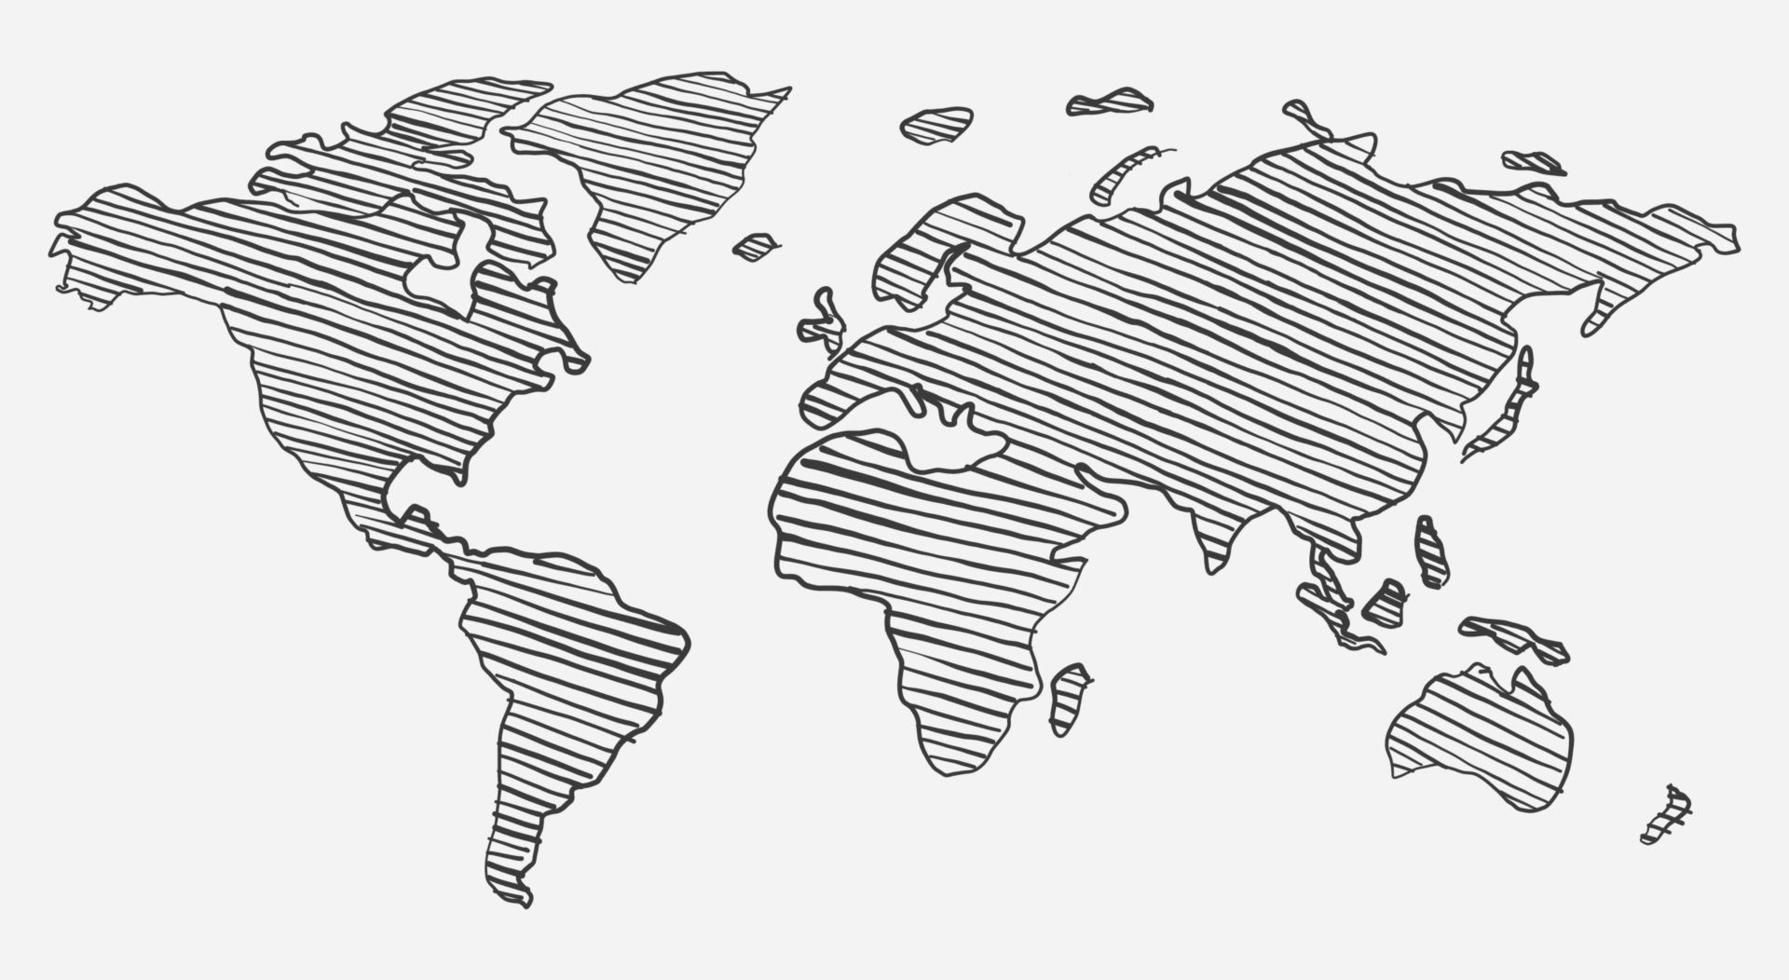 klottrar skiss av världskartan vektor